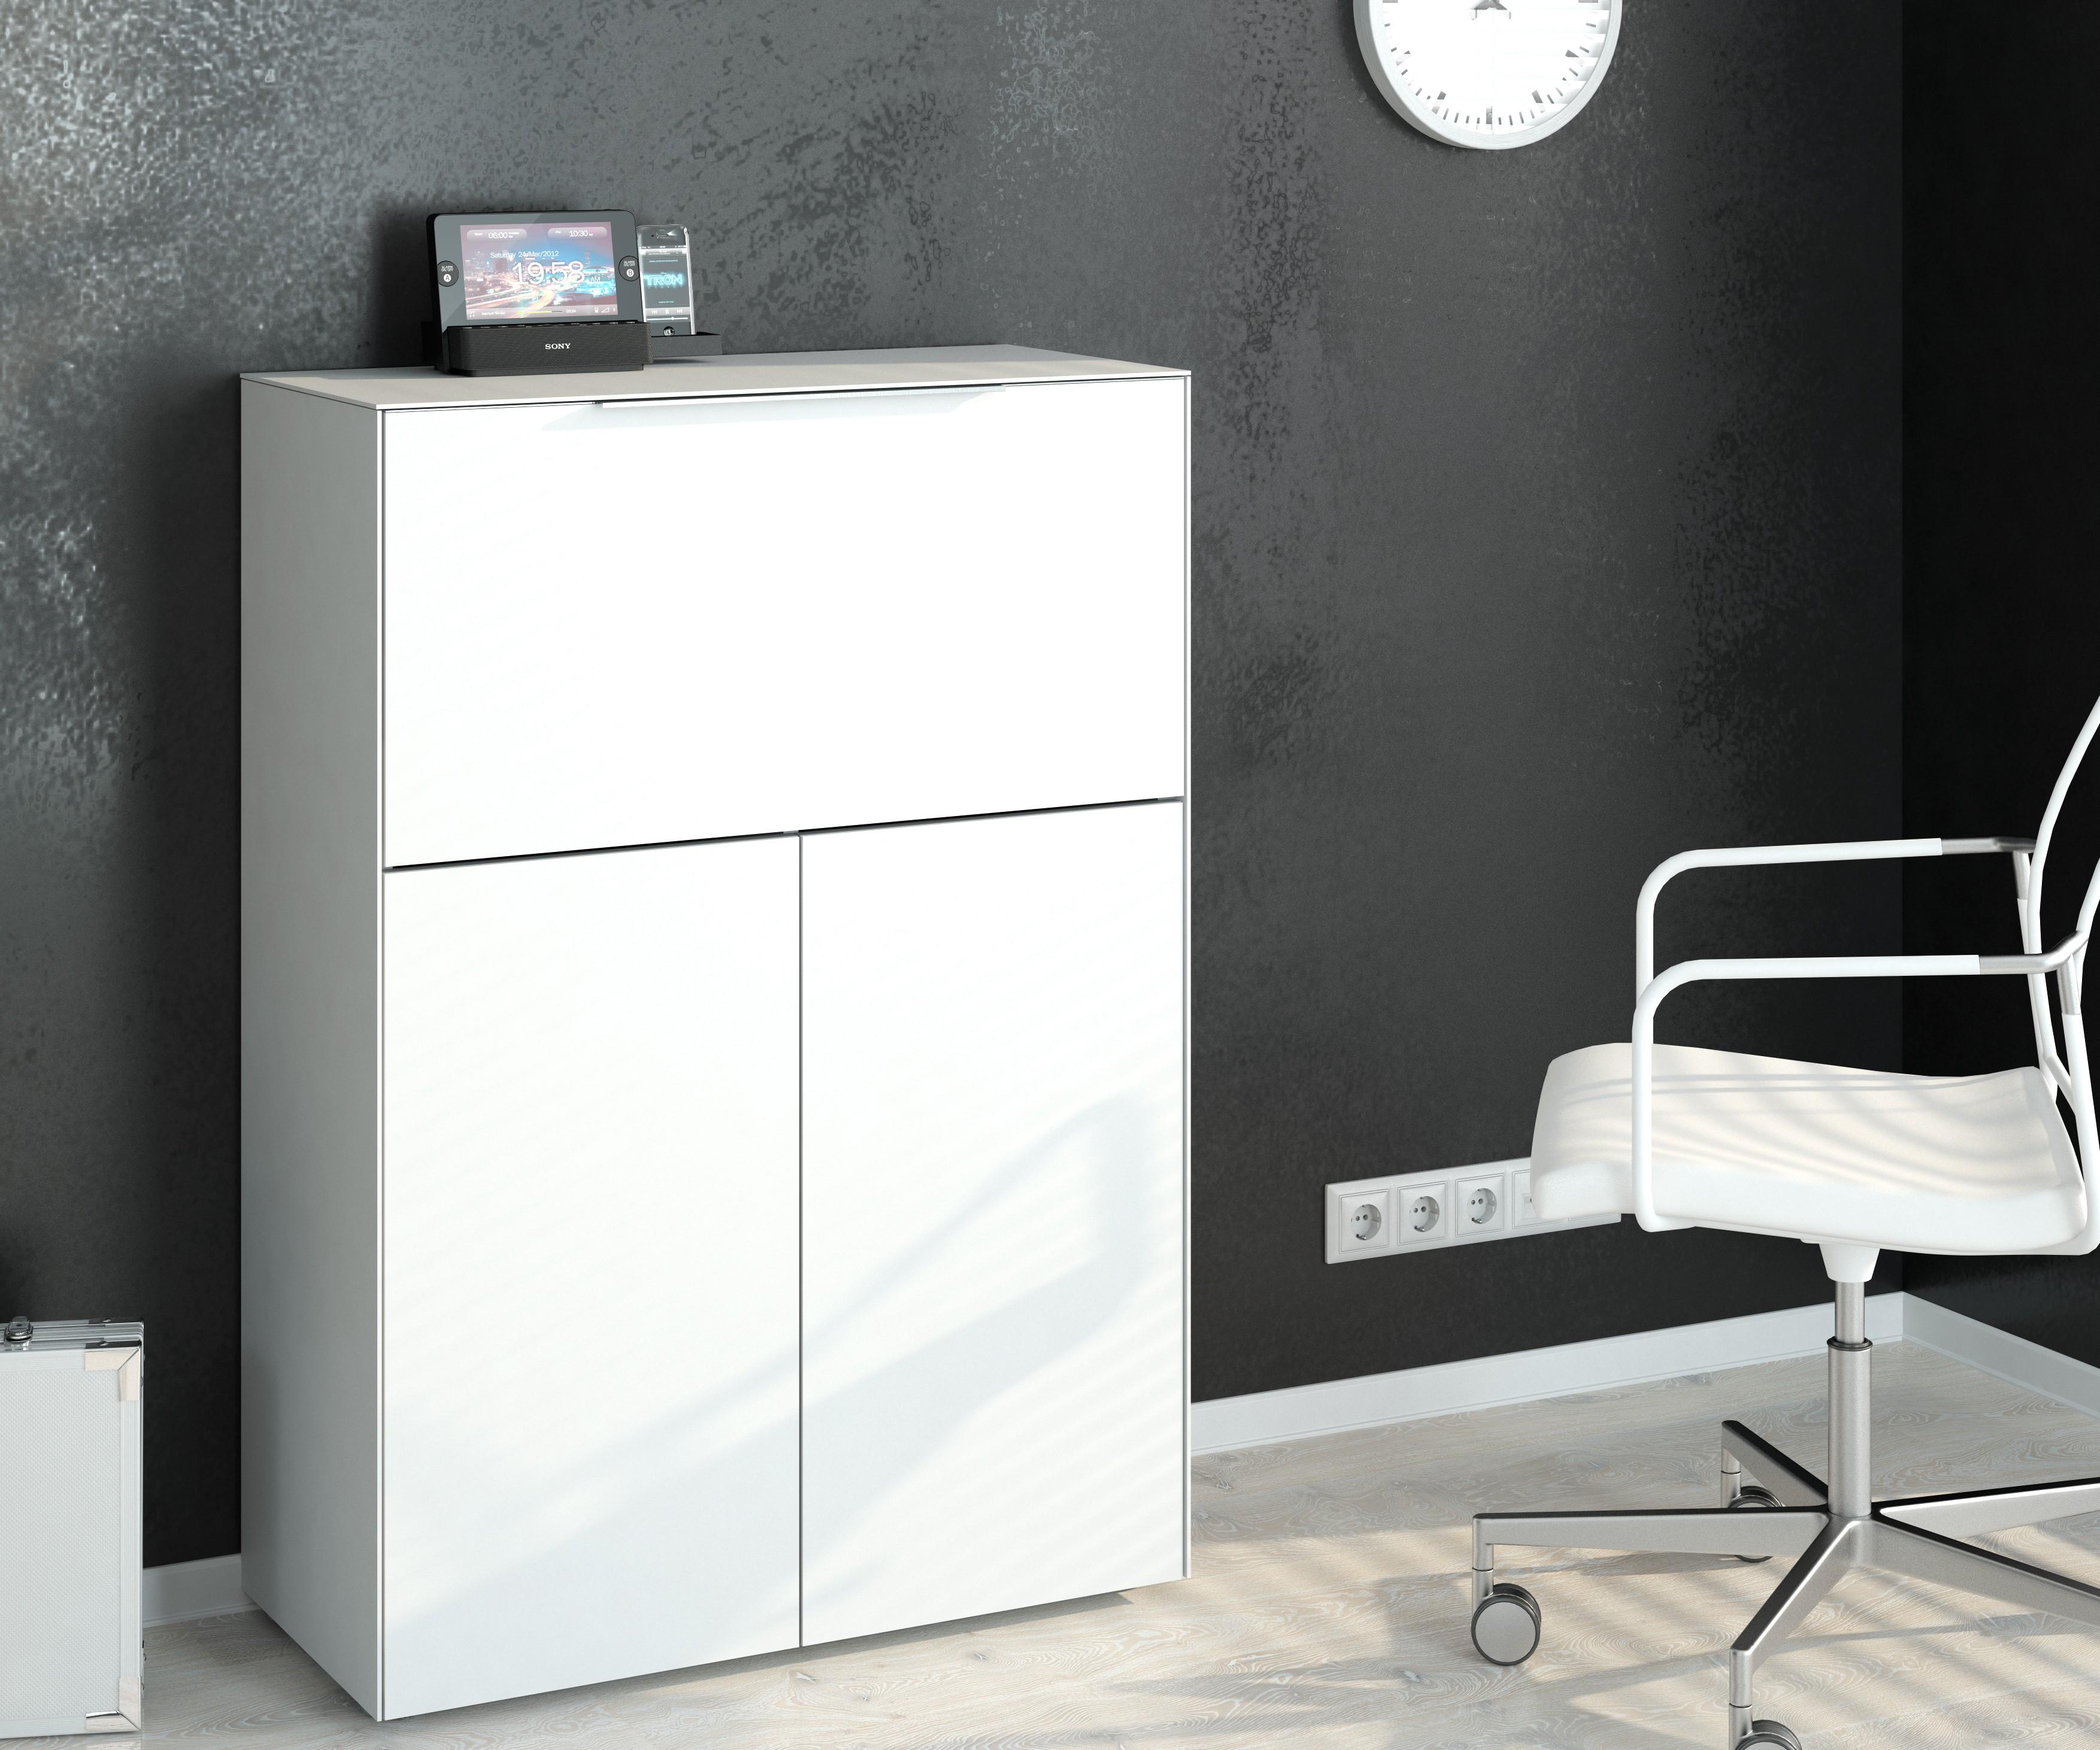 Elegant Schreibtisch Kommode Dekoration Von 95009936_milieu Geschlossen.jpg